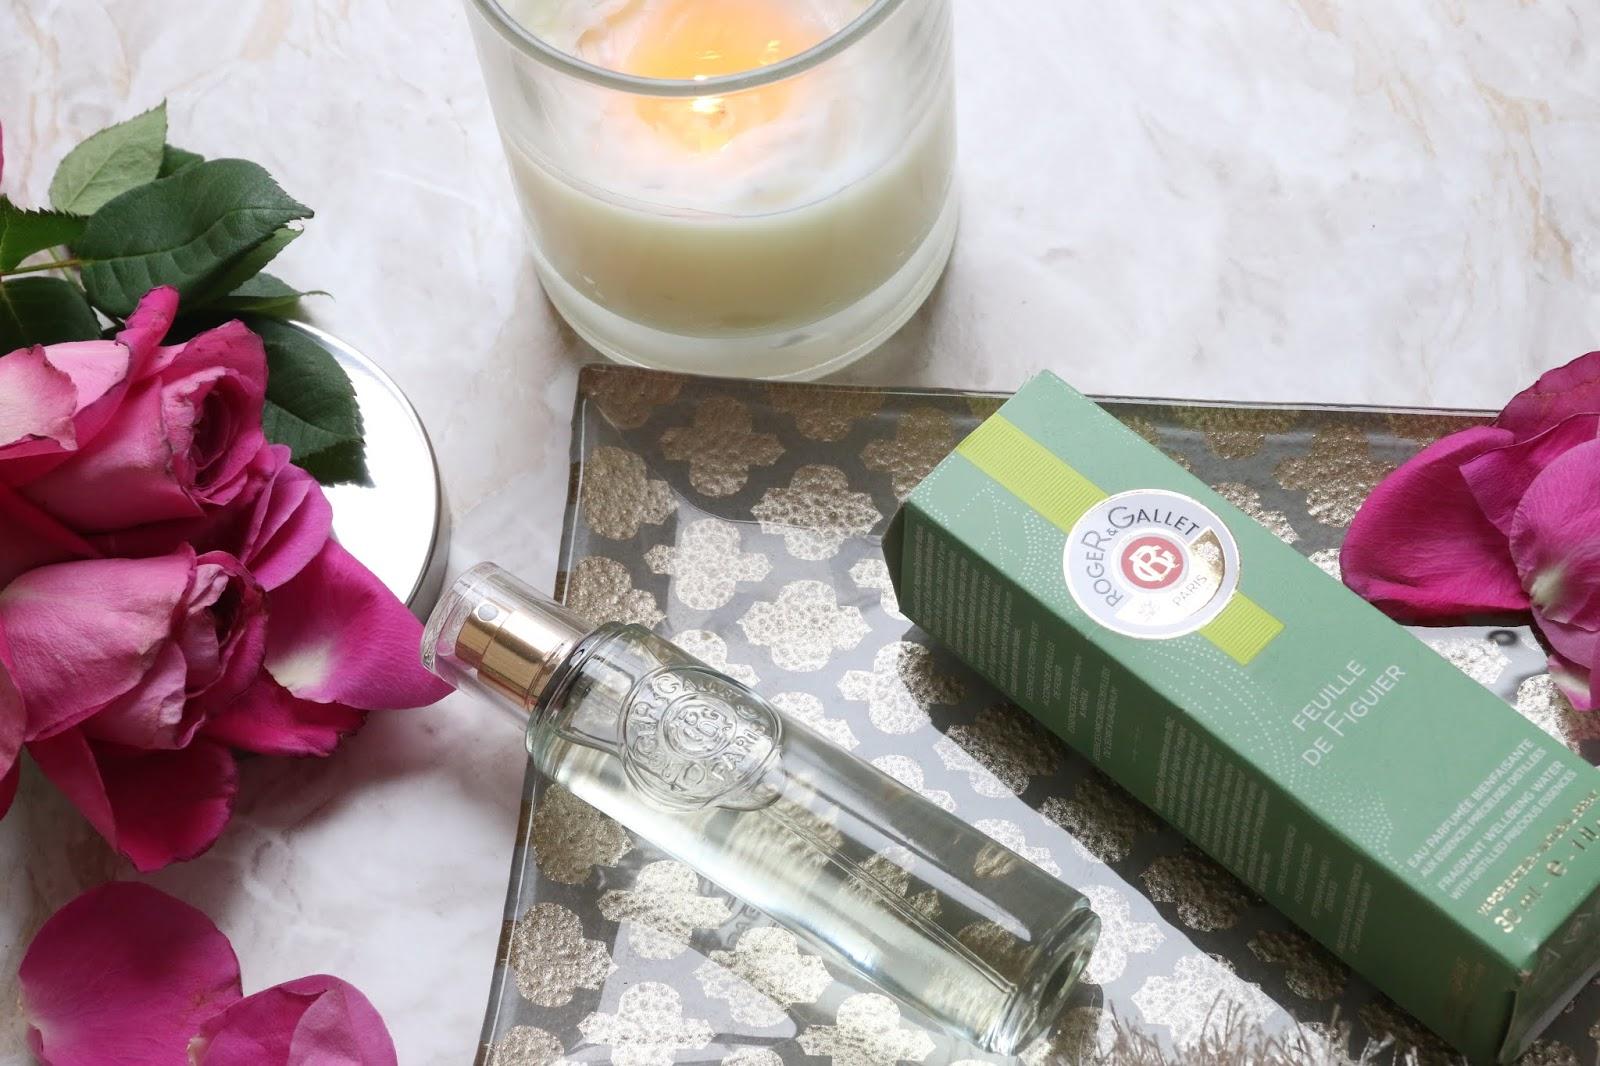 Roger & Gallet Feuille de Figuier Fragrant Wellbeing Water Review